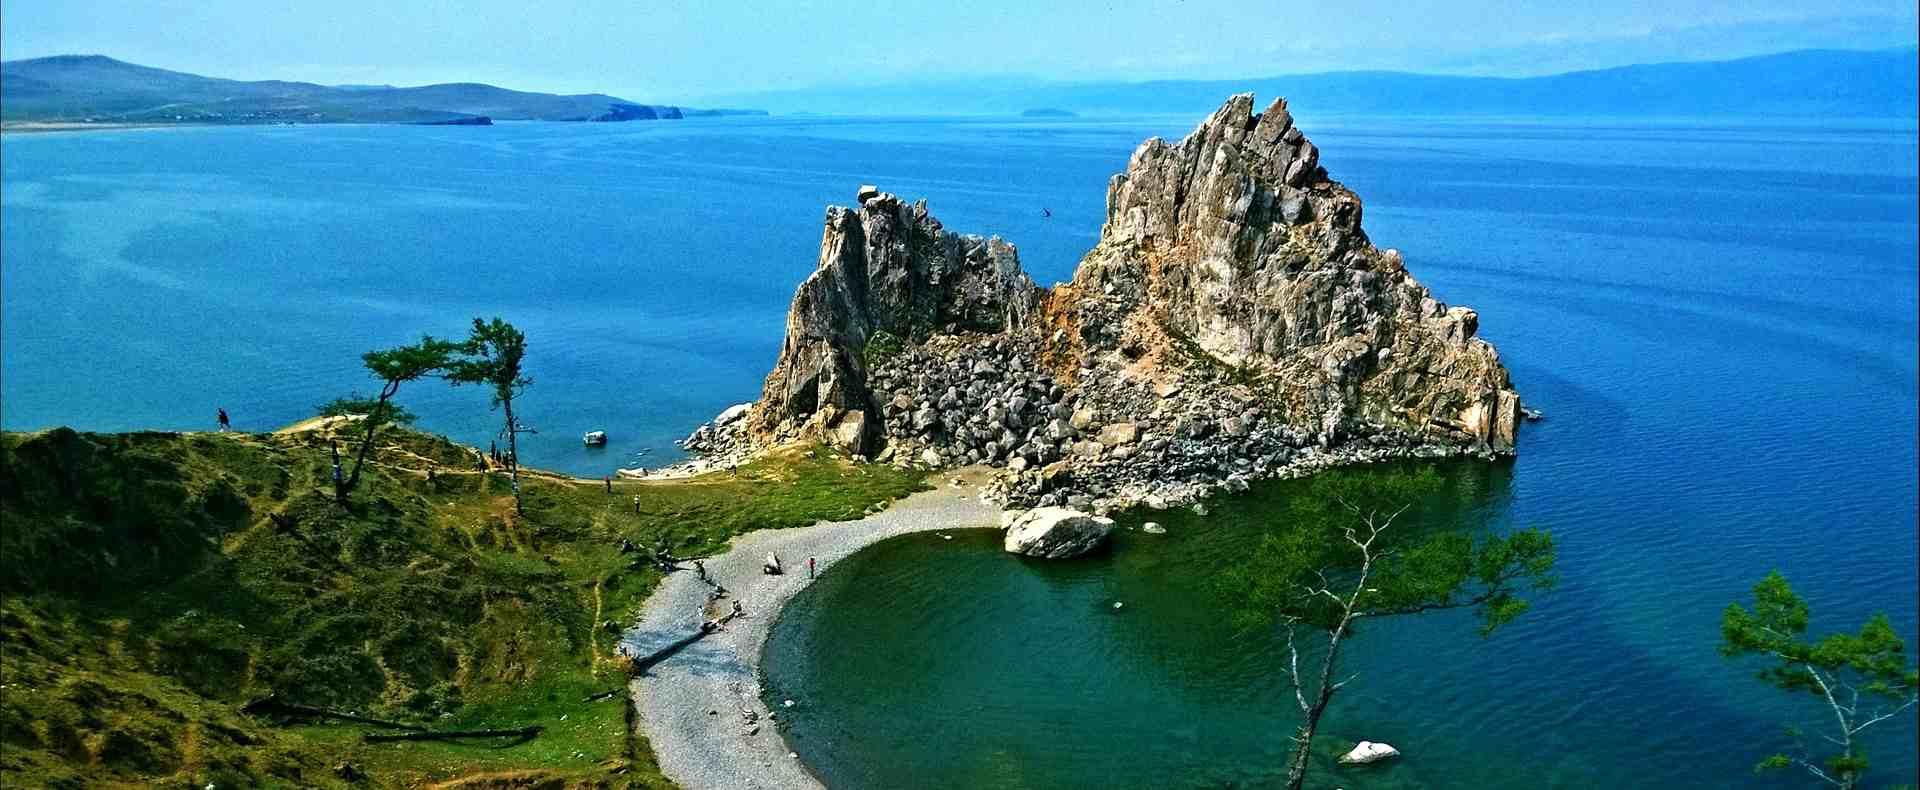 Rusija - Page 5 Lake%20baikal